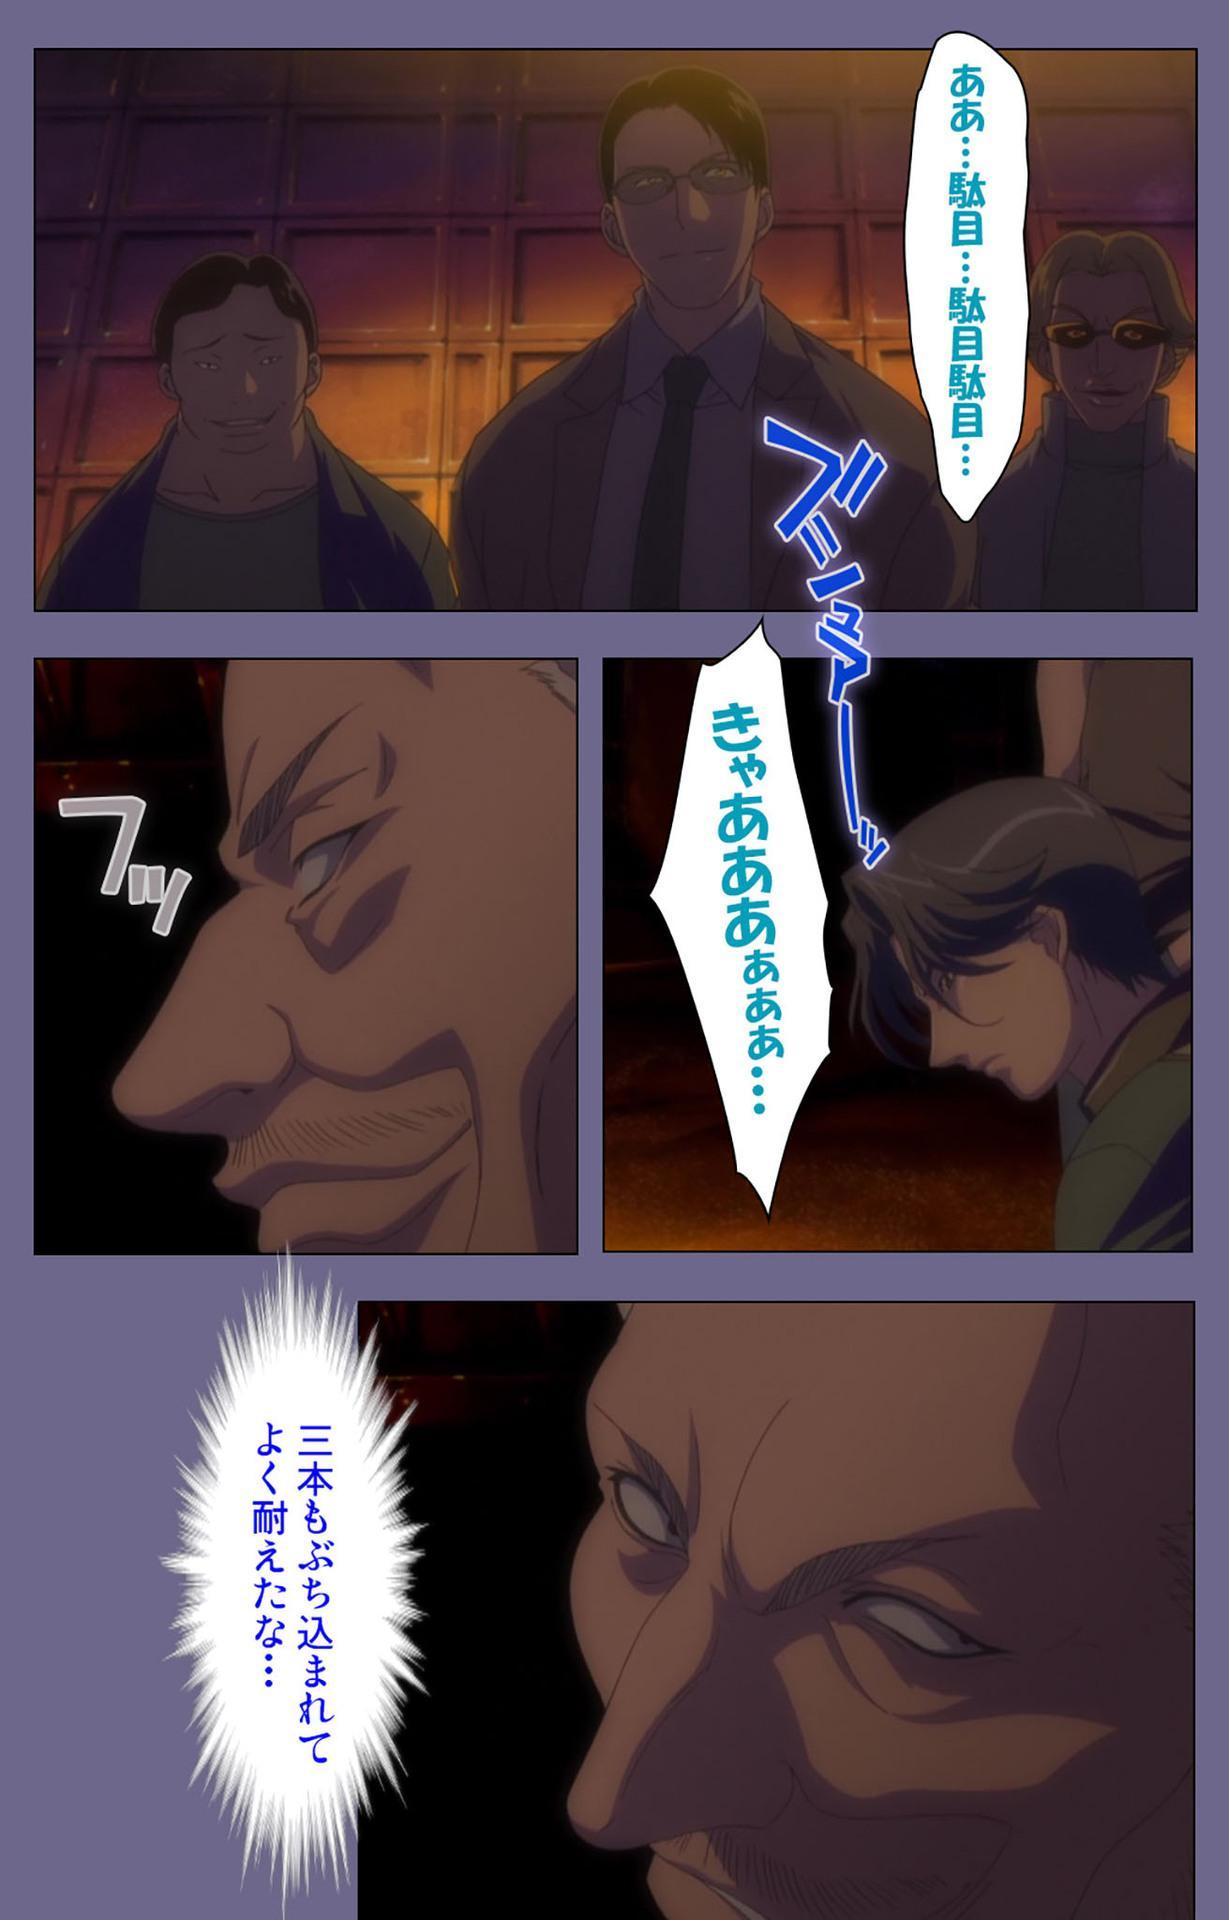 Itazura kanzenhan 204